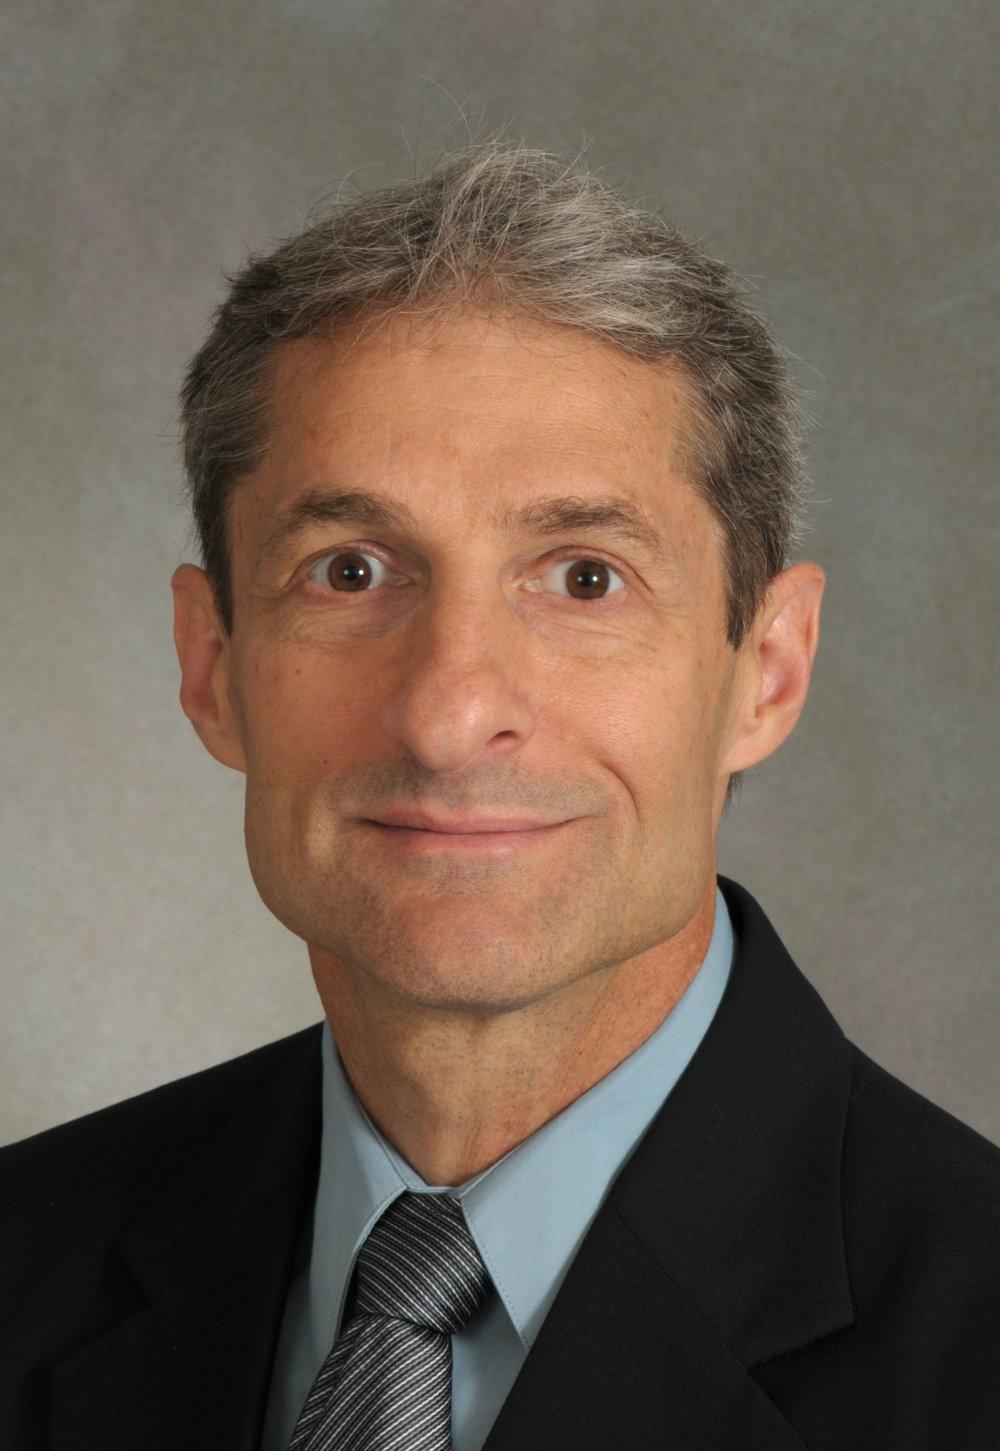 Dr. Richard J. Reeder